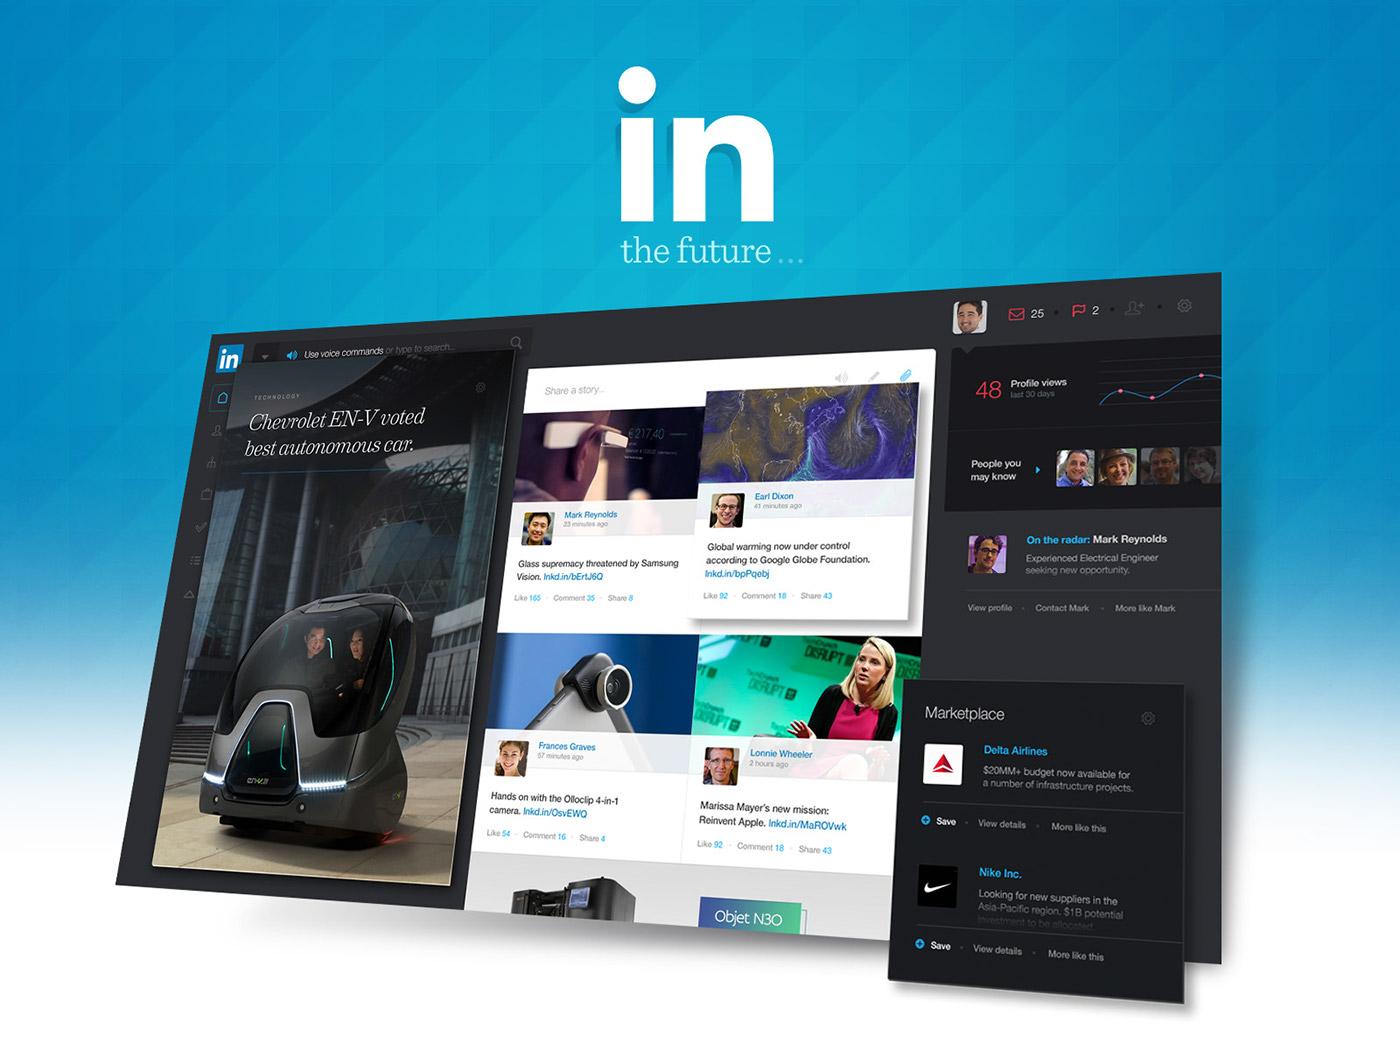 redesign,concept,UI,ux,ui design,UX design,Webdesign,Linkedin,digital design,professional network,interface design